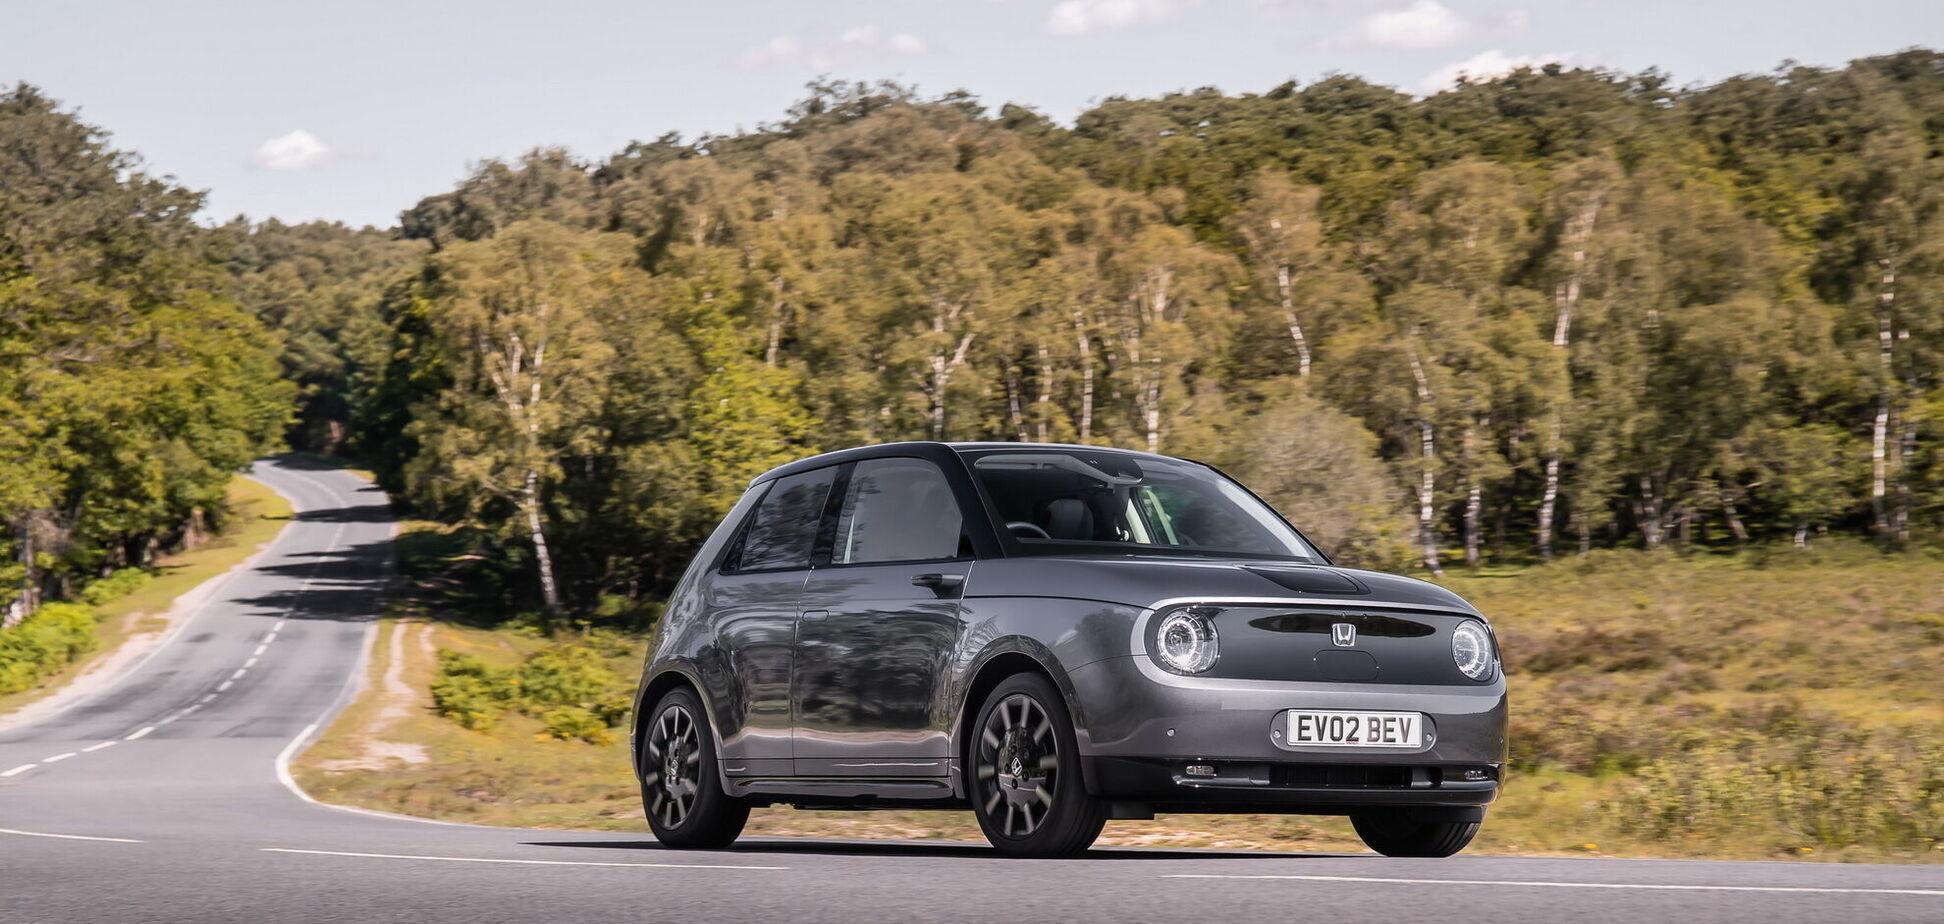 Електромобіль Honda е став 'Автомобілем року' в Німеччині